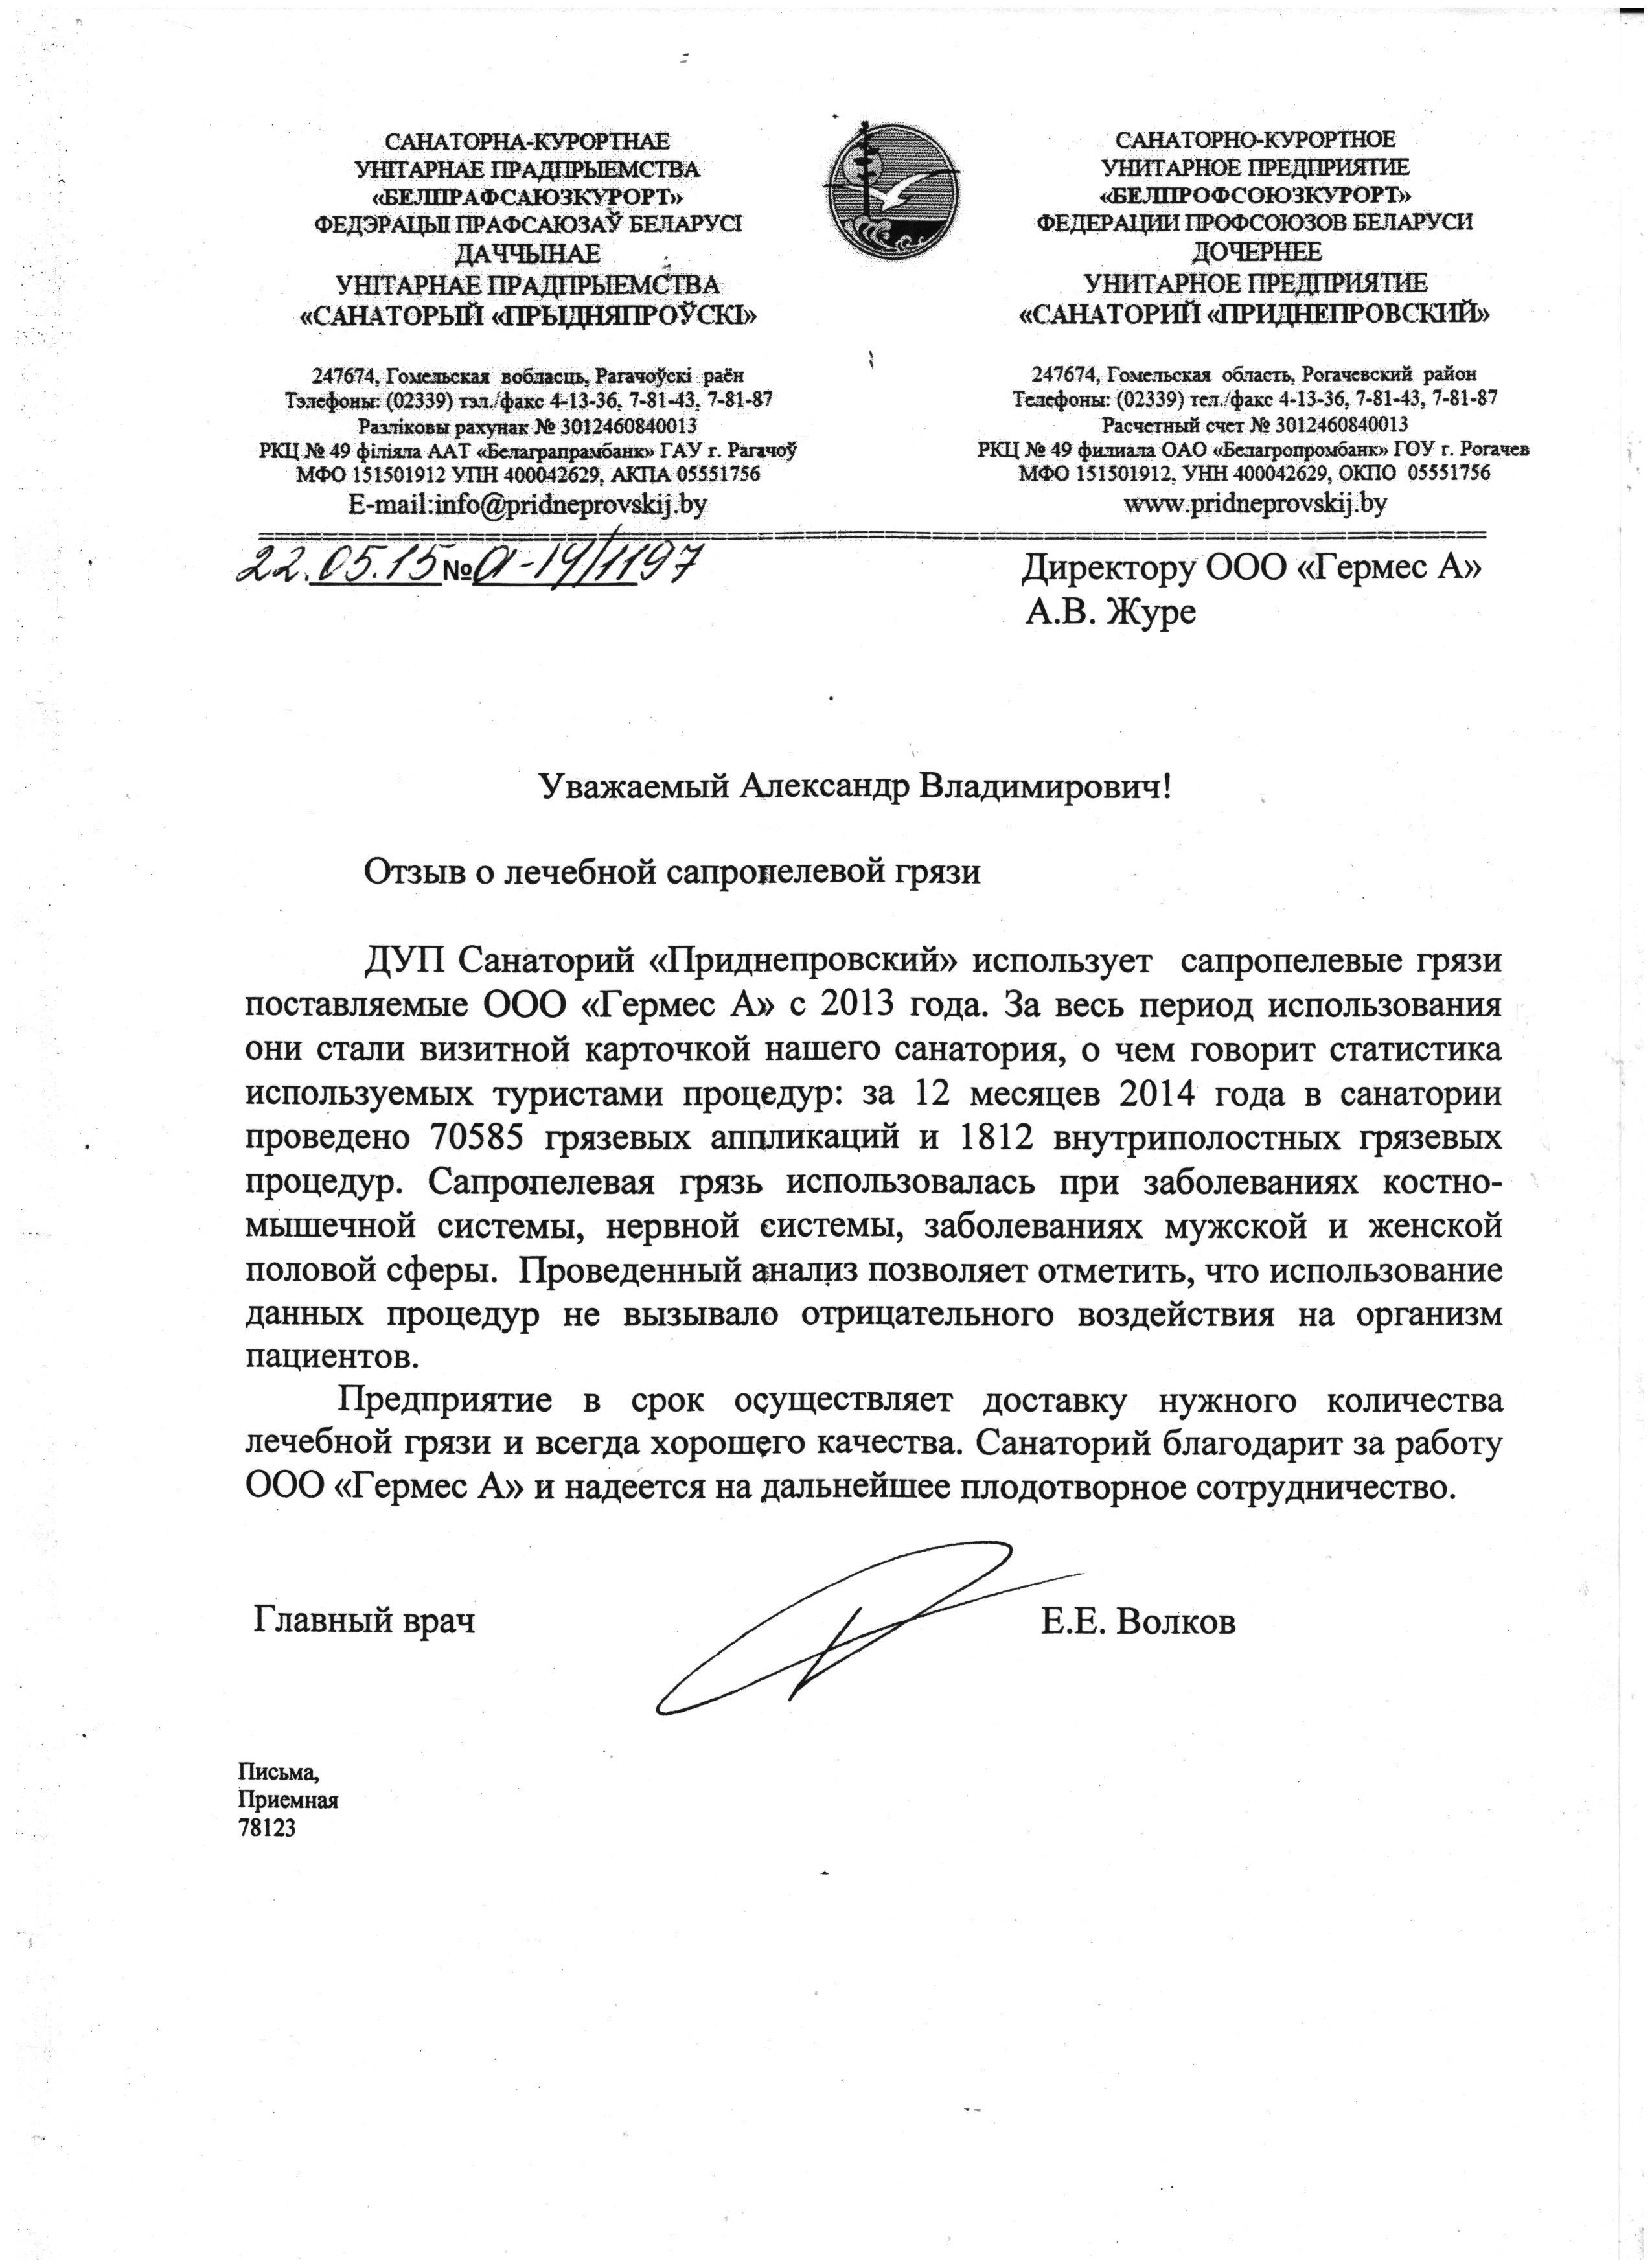 Отзыв Санатория Приднепровский